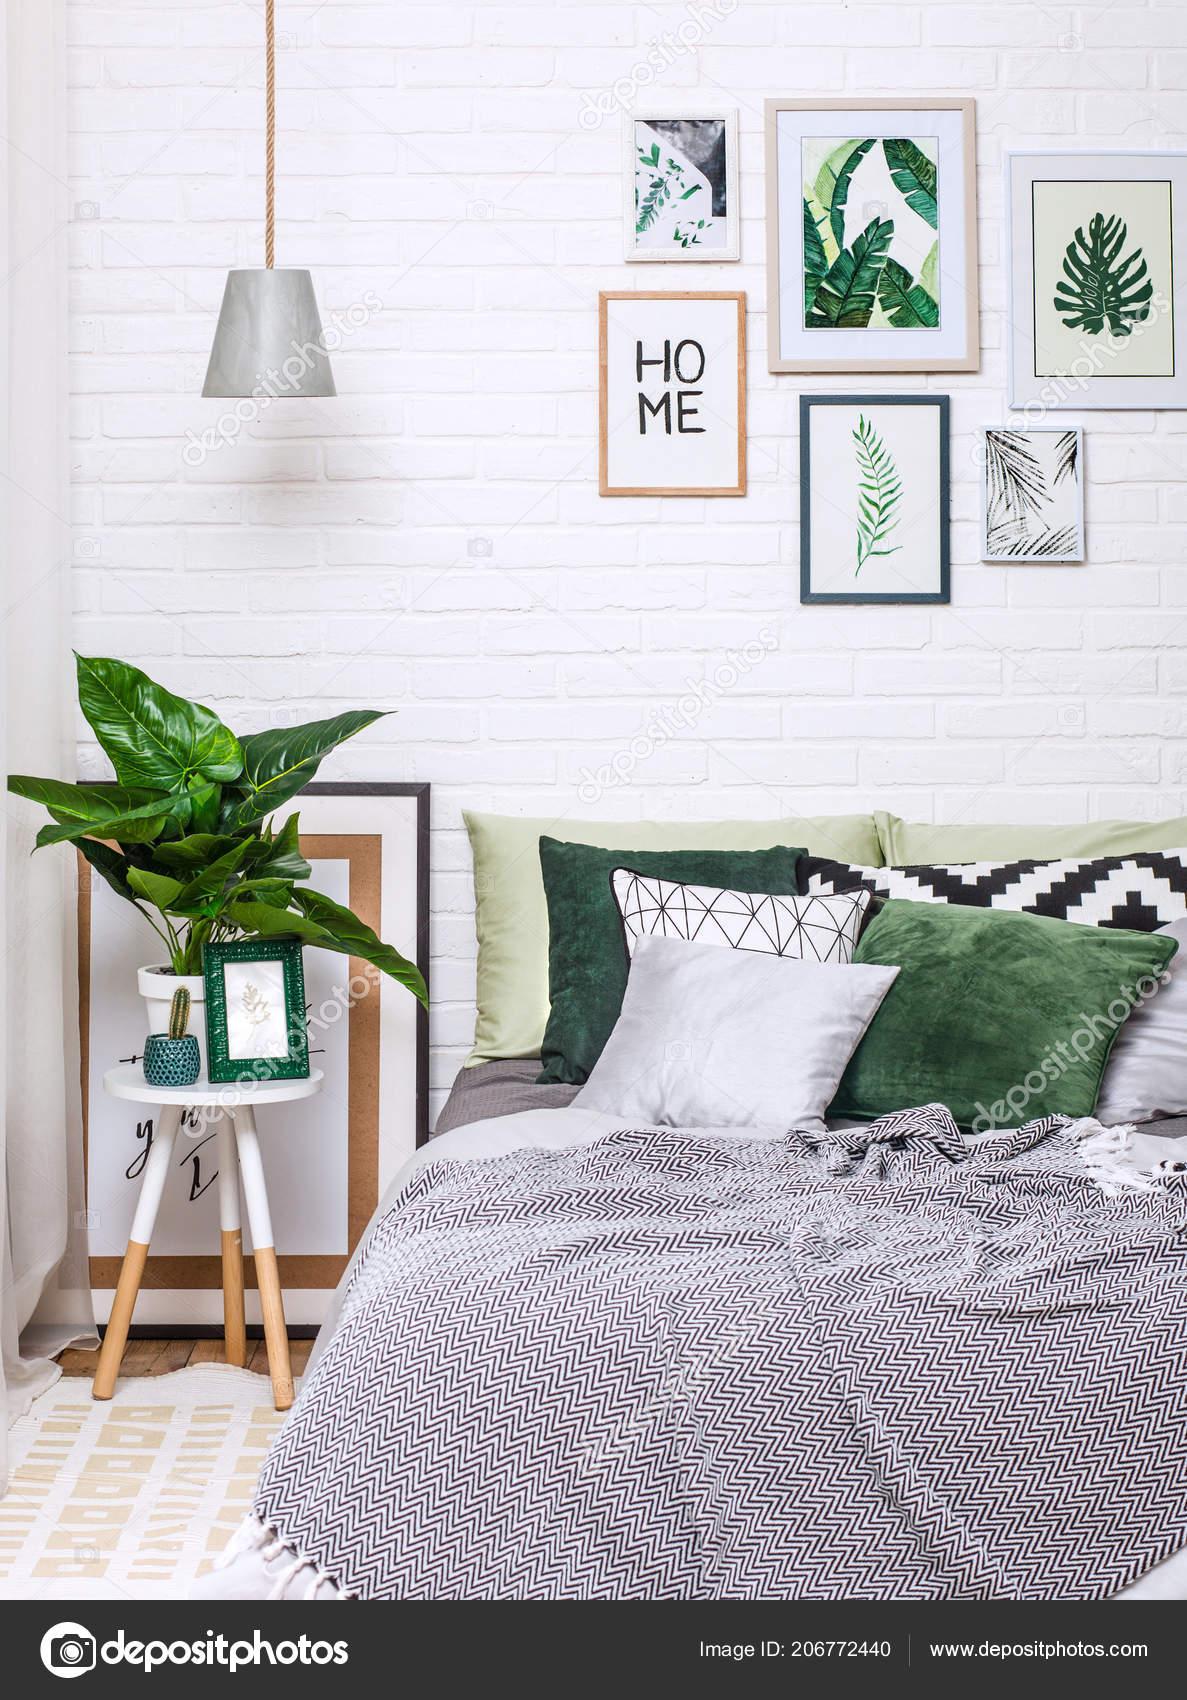 Schlafzimmer Innenraum Grau Grün Töne Mit Bildern Auf Einer Weißen ...